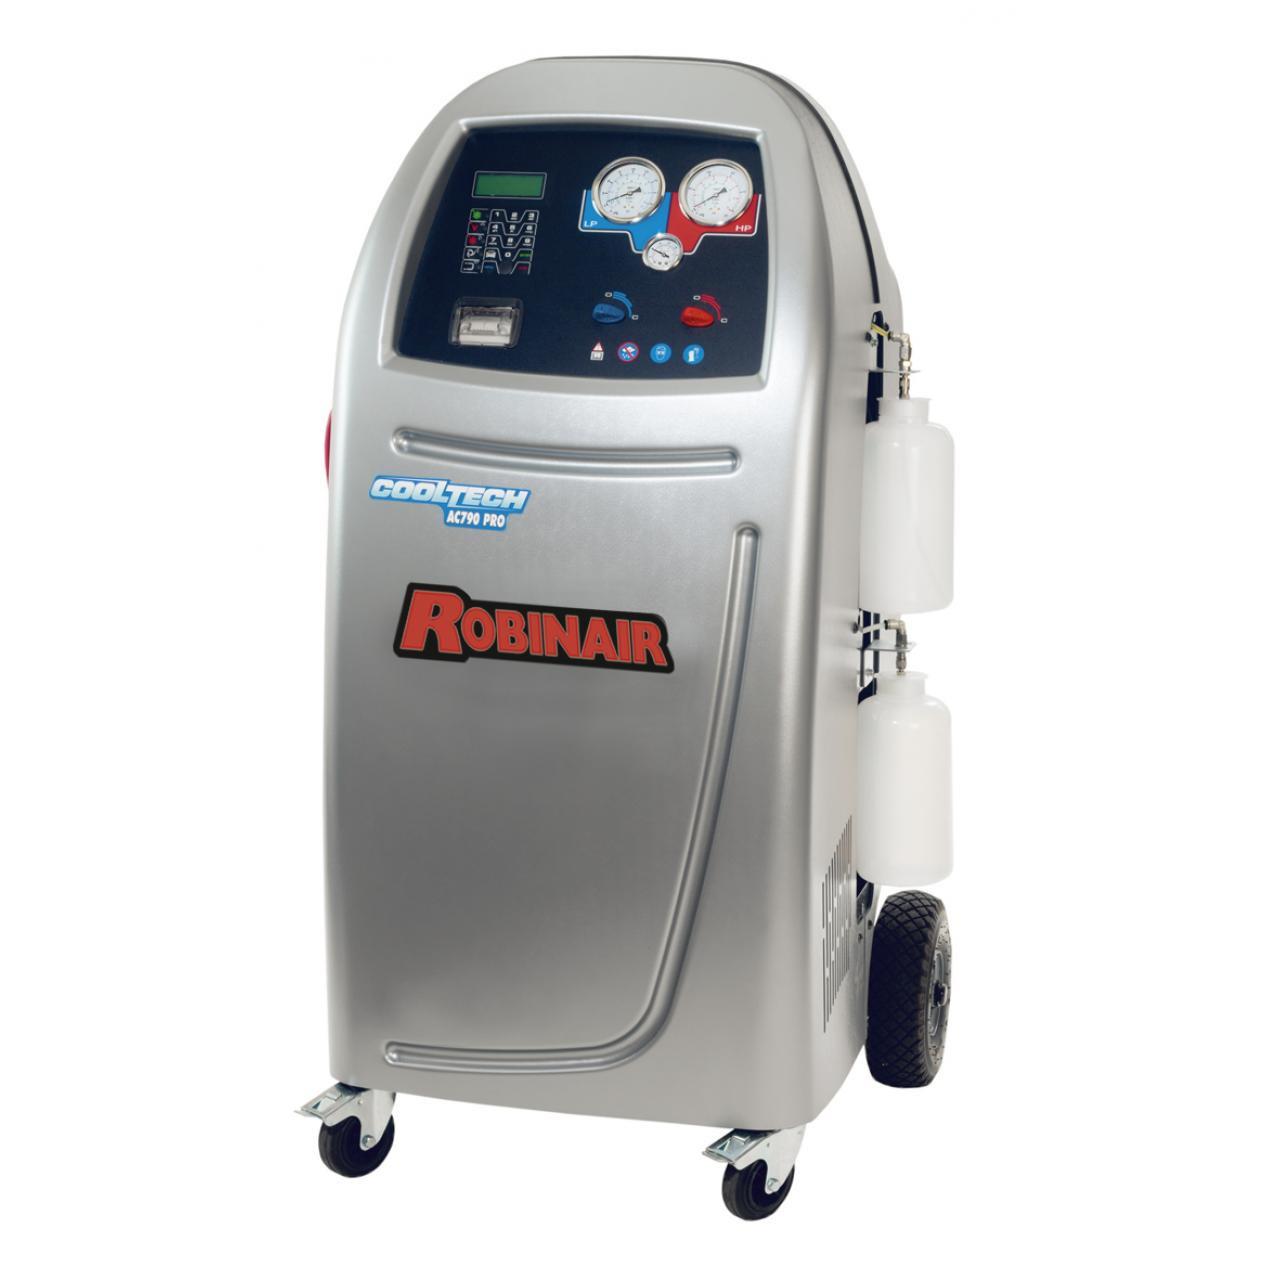 Оборудование для заправки кондиционеров автомобилей,автомат с принтером ROBINAIR  AC790PRO